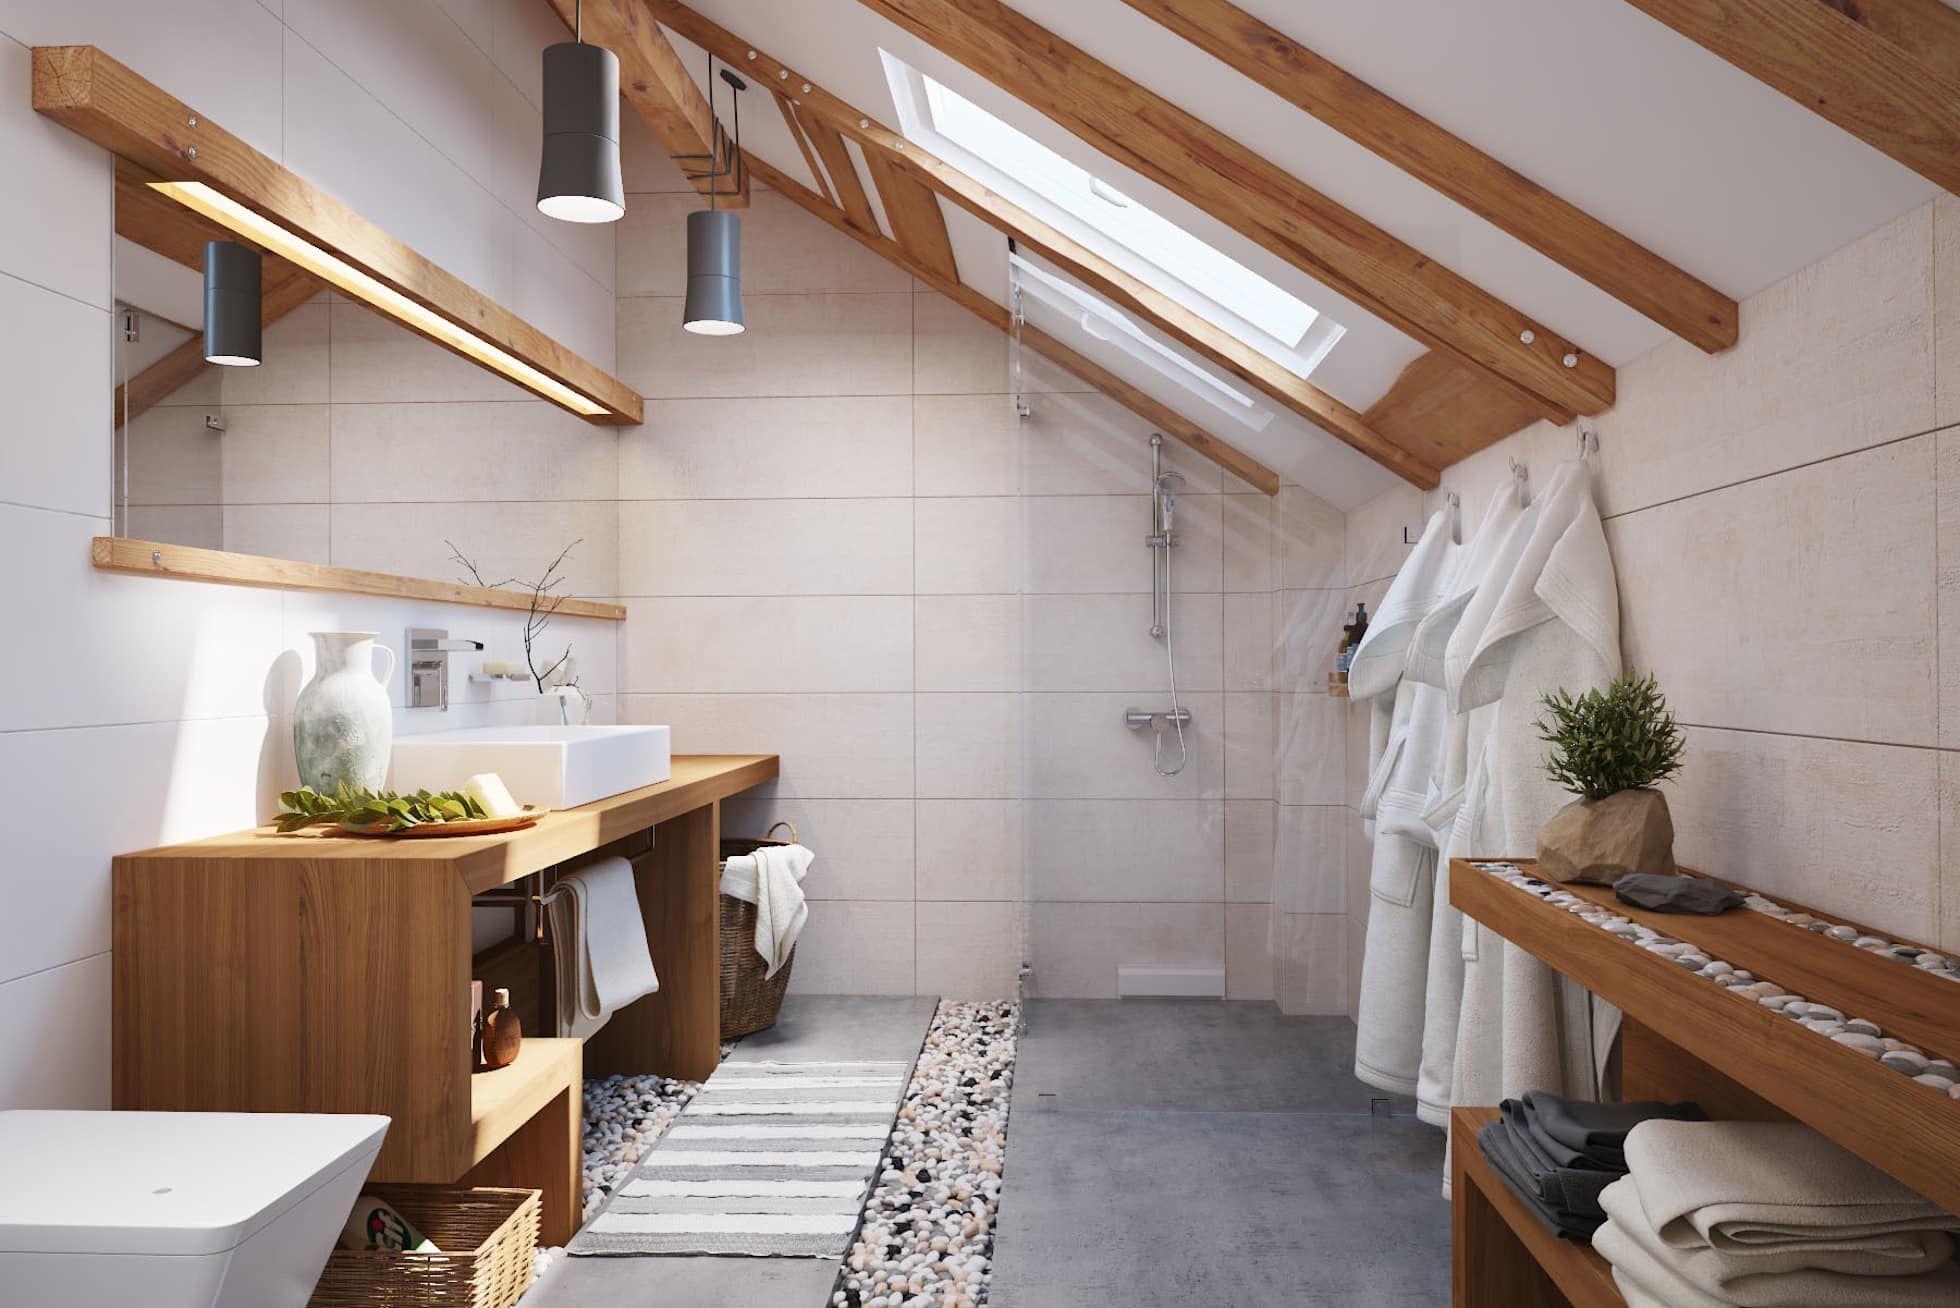 Skandinavische Badezimmer Von Polygon Arch Des Badezimmer Dachschrage Skandinavisches Badezimmer Wohnung Badezimmer